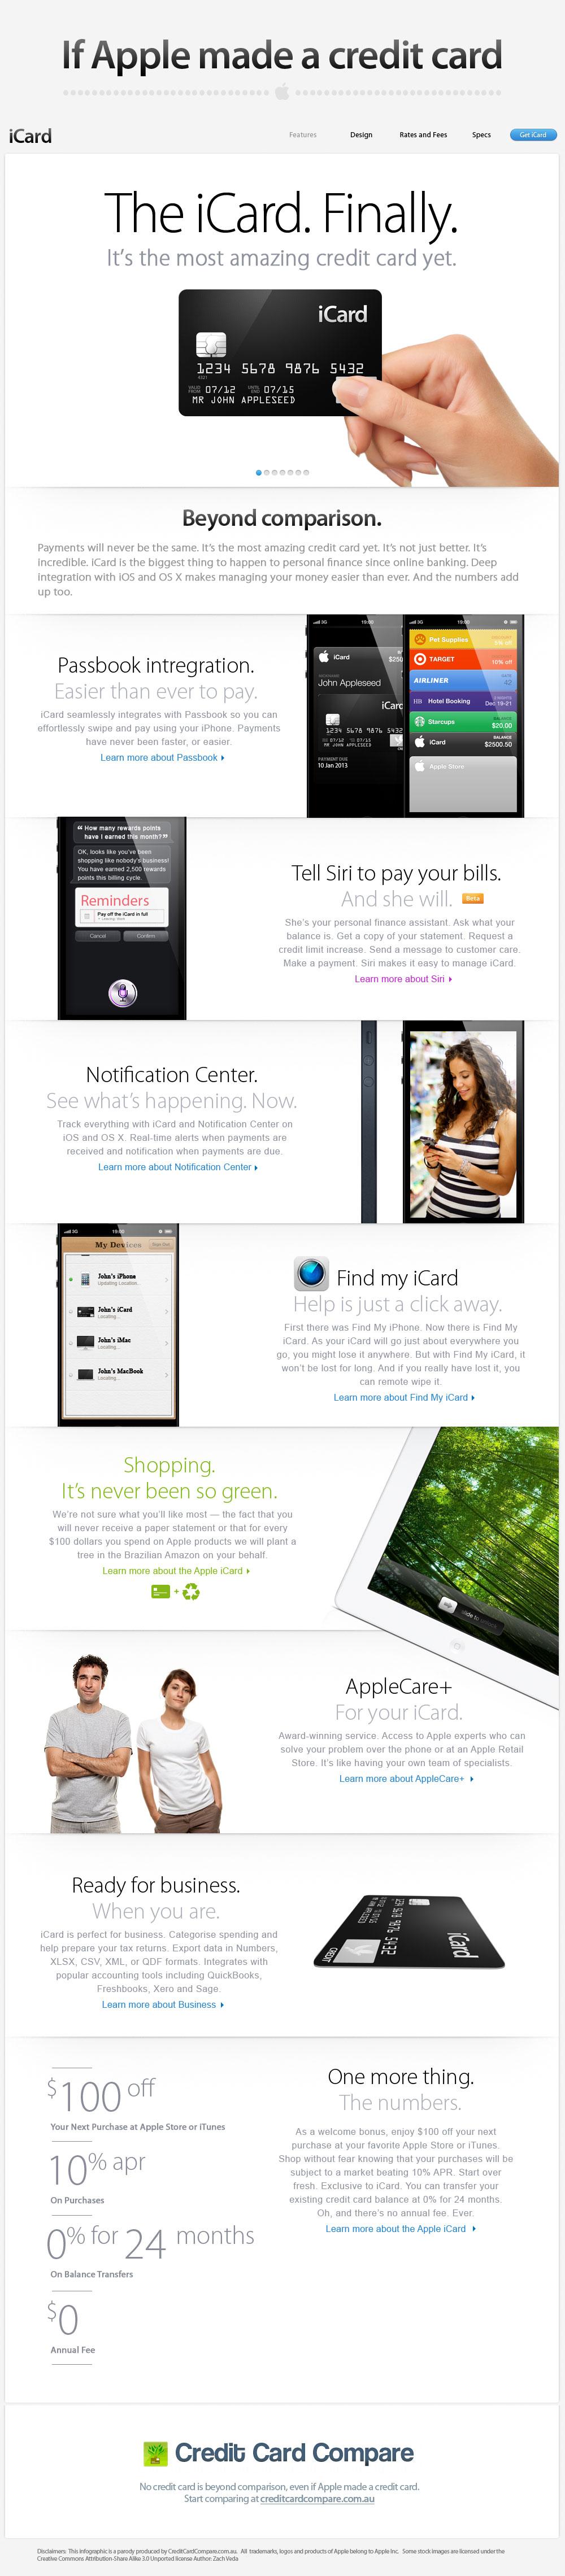 iCard - o cartão de crédito da Apple